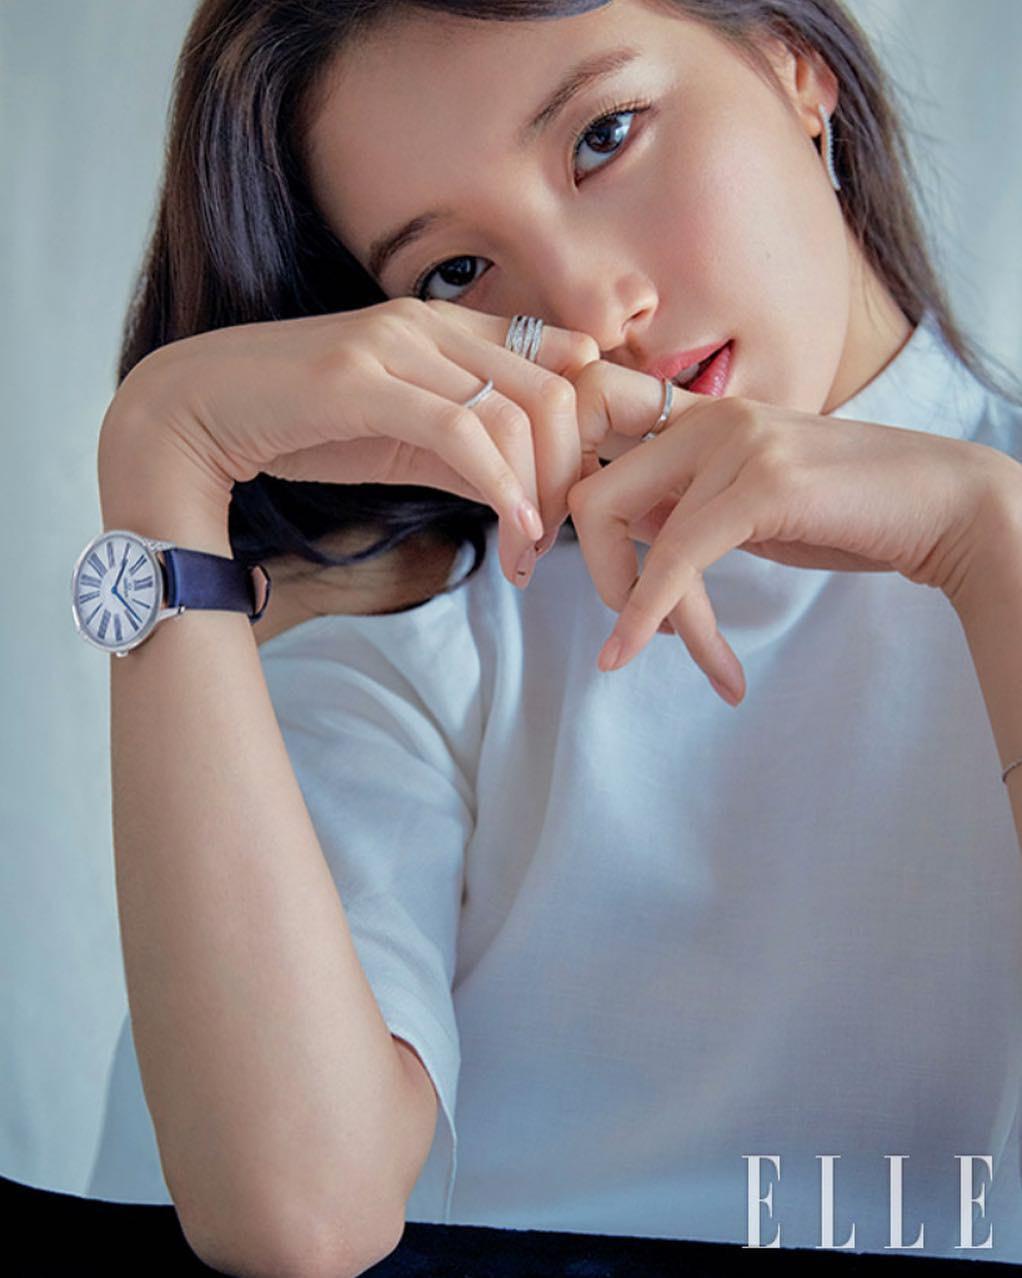 Top 10 mỹ nhân đẹp nhất Hàn Quốc theo chuyên gia thẩm mỹ: Toàn tượng đài, duy nhất 1 idol lọt top! - Ảnh 22.